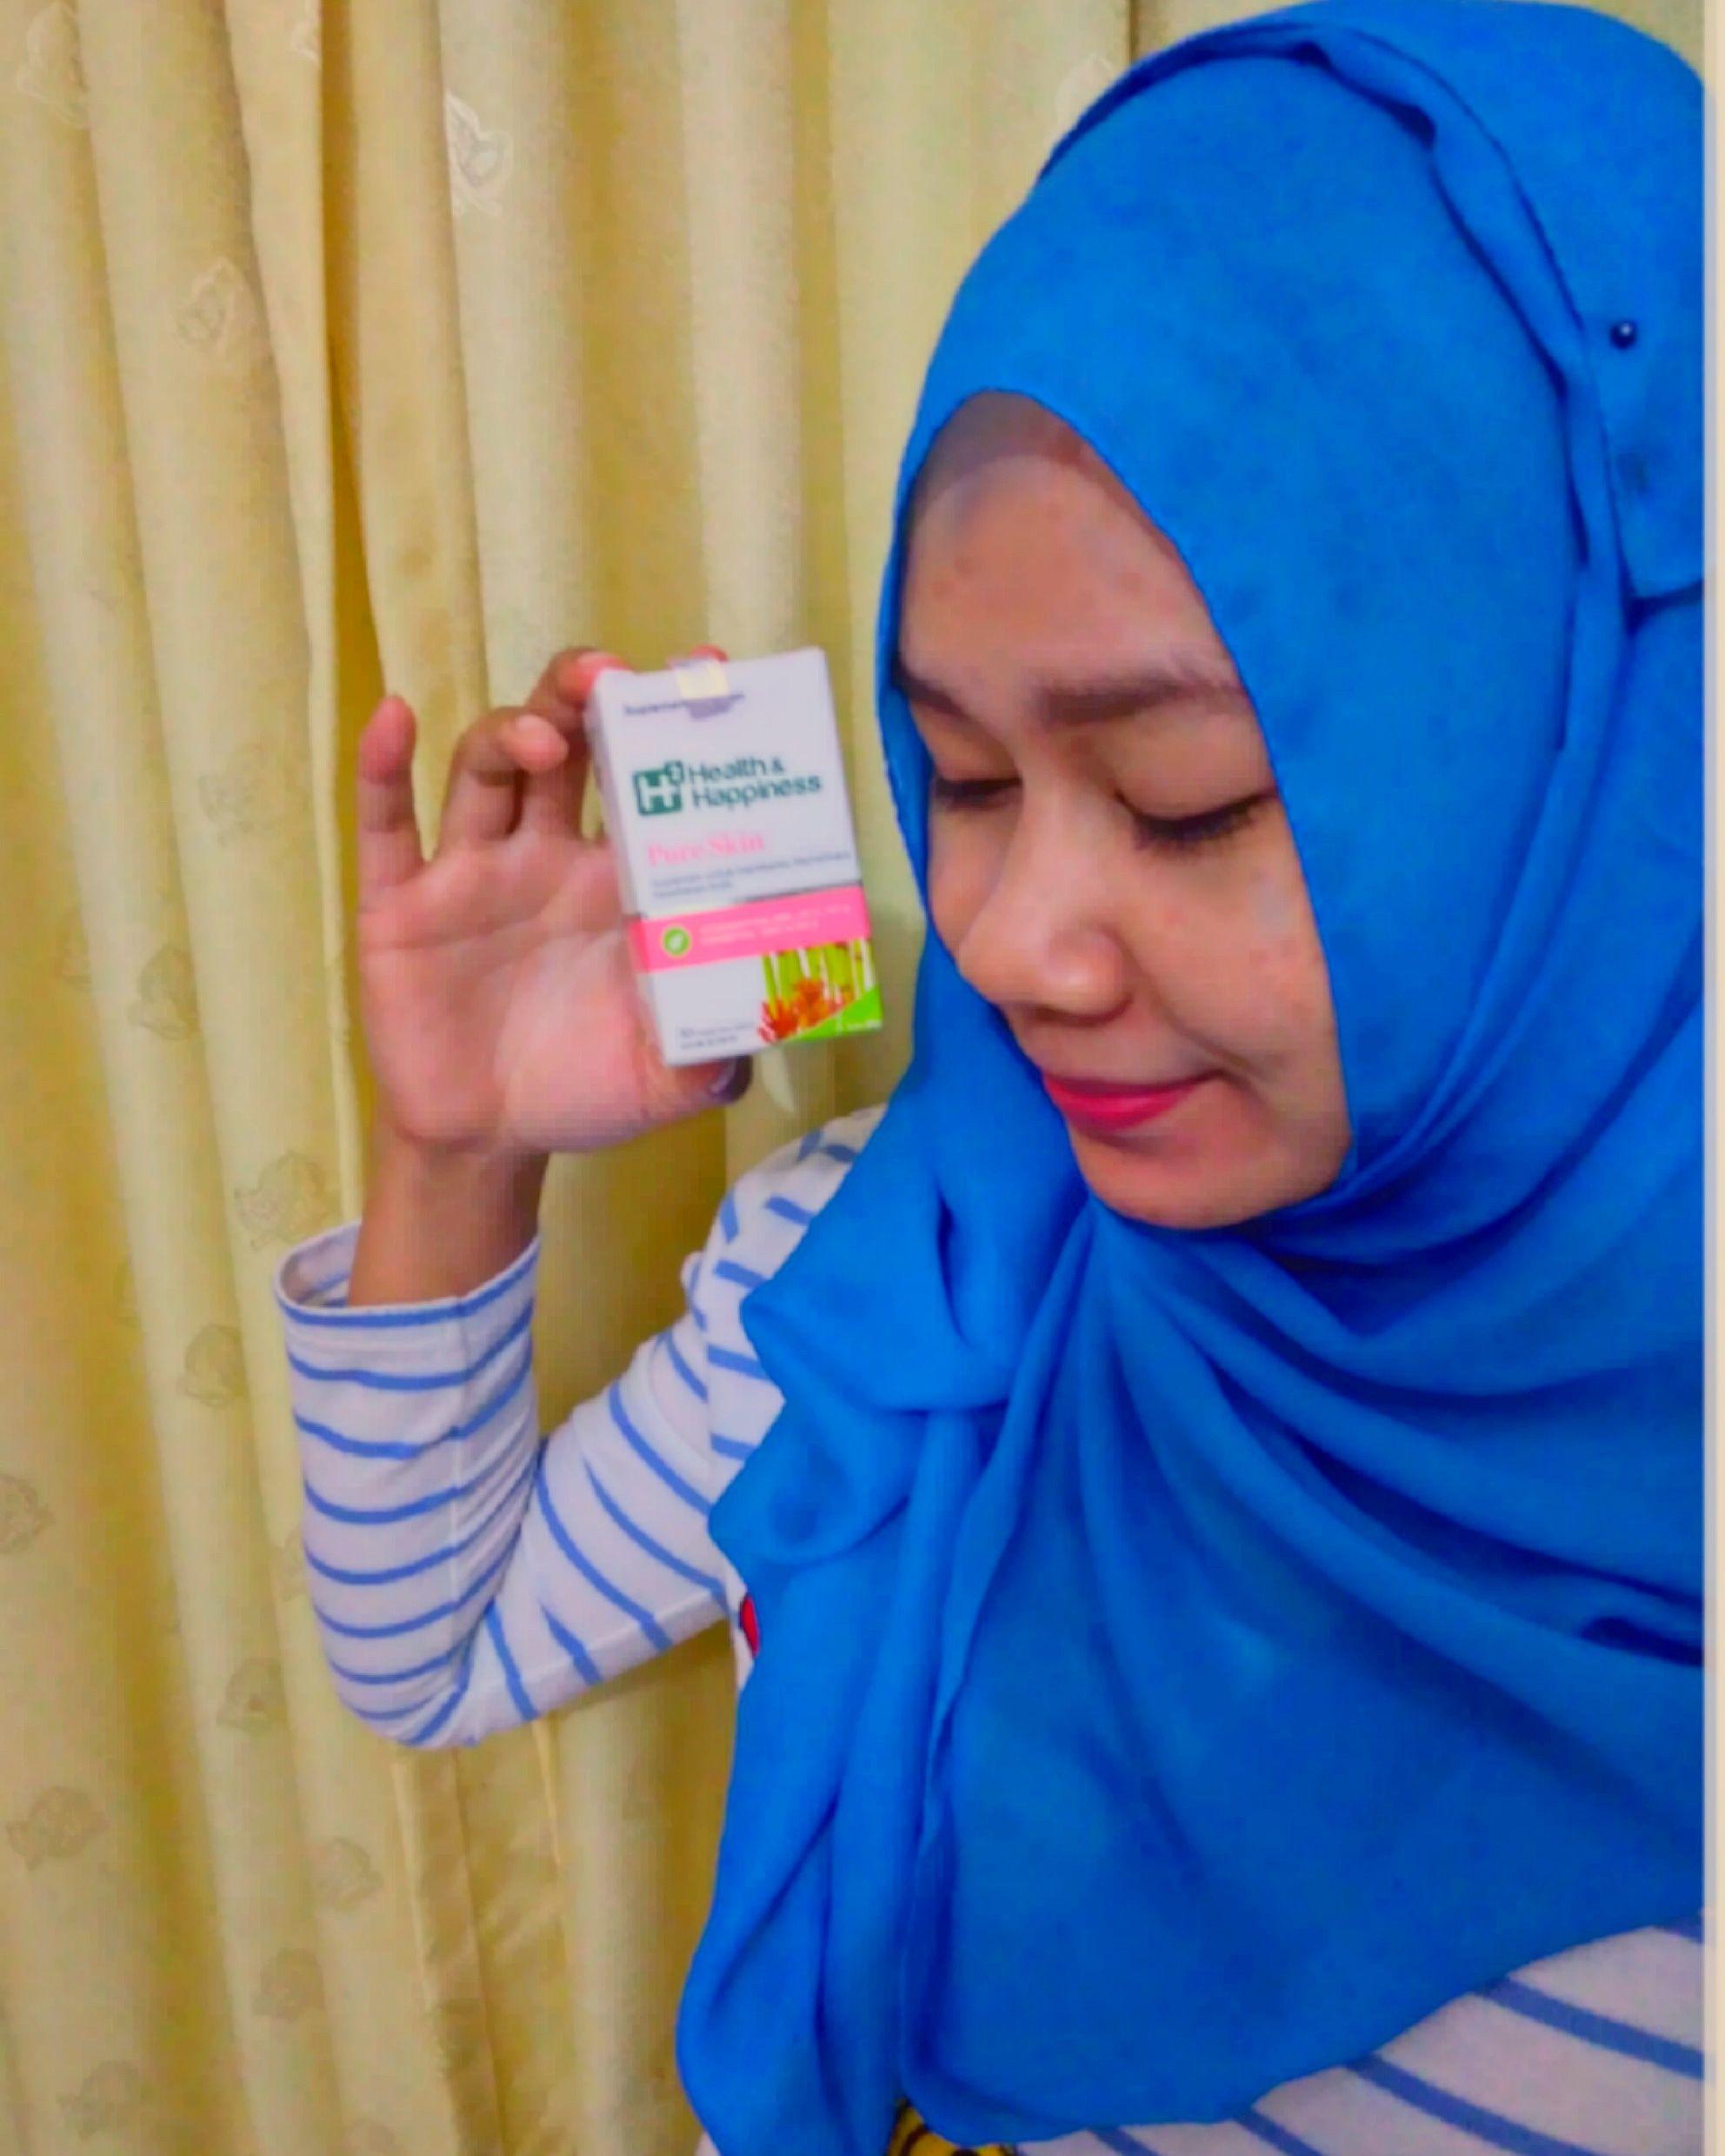 gambar review ke-2 untuk H2 Health & Happiness Pure Skin